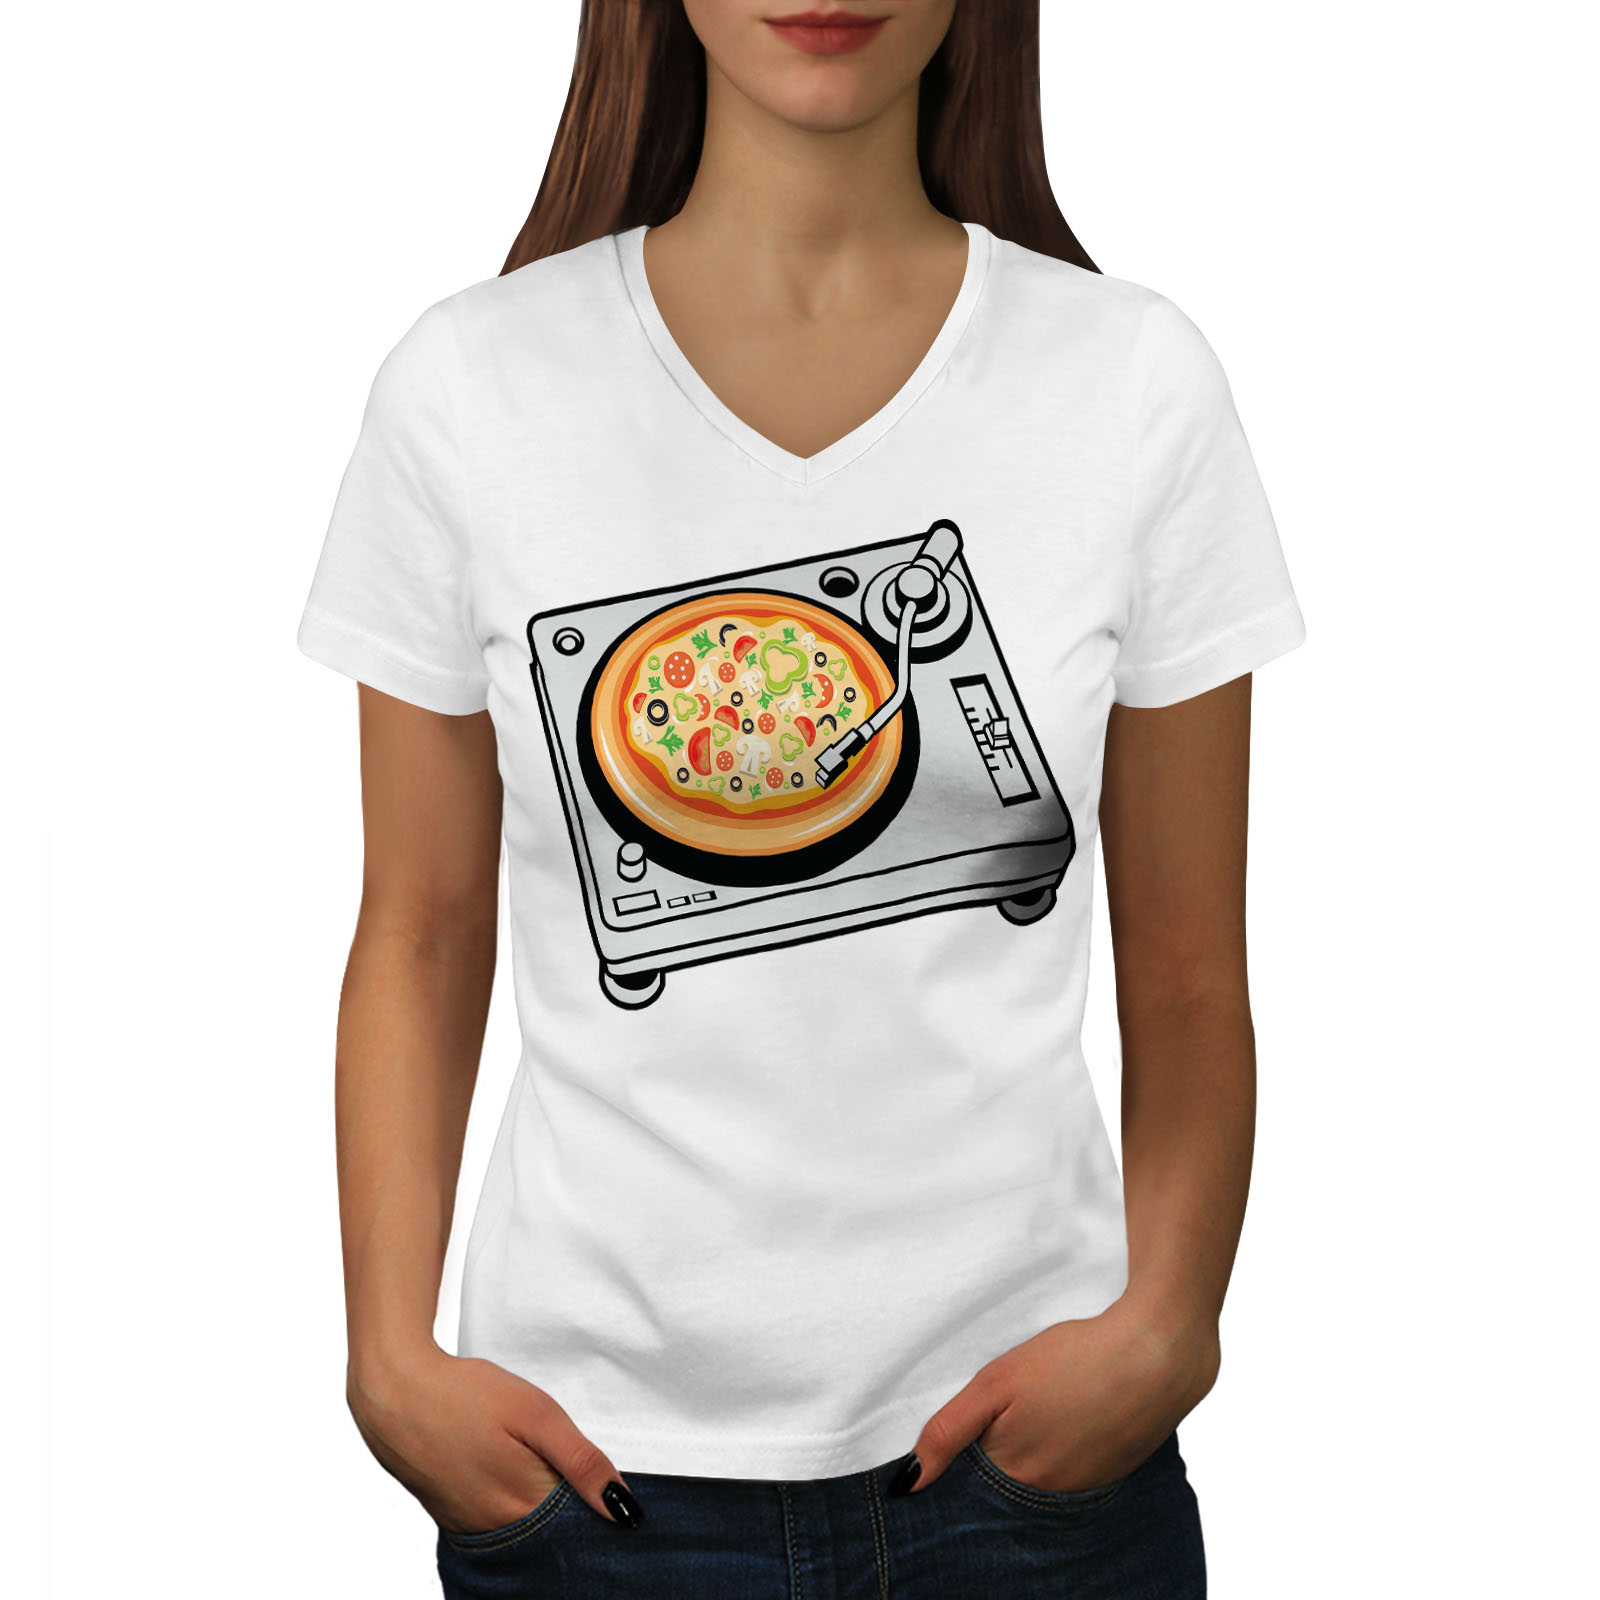 Pizza Dj Mezcla Música Comida Mujer Camiseta con cuello en v NUEVOWellcoda